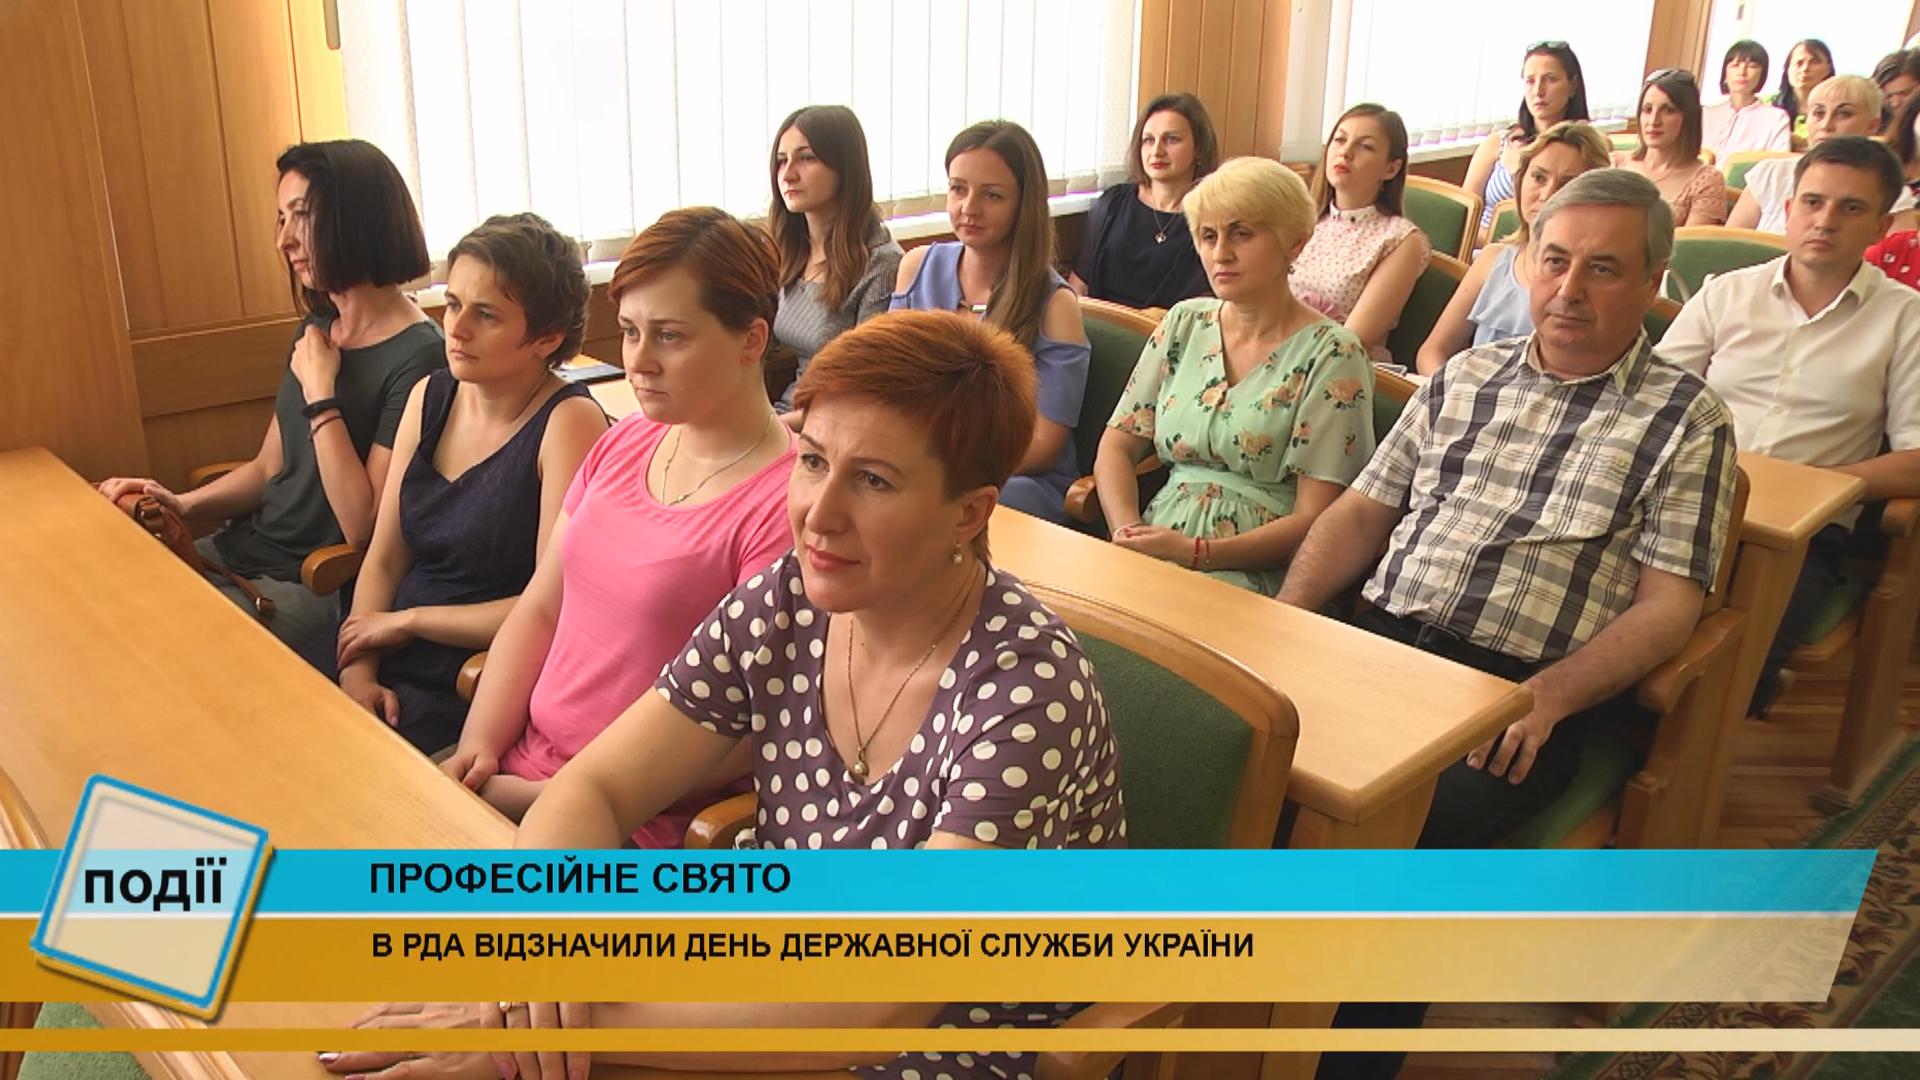 У Коломийській РДА відзначили День державної служби України (відеосюжет)